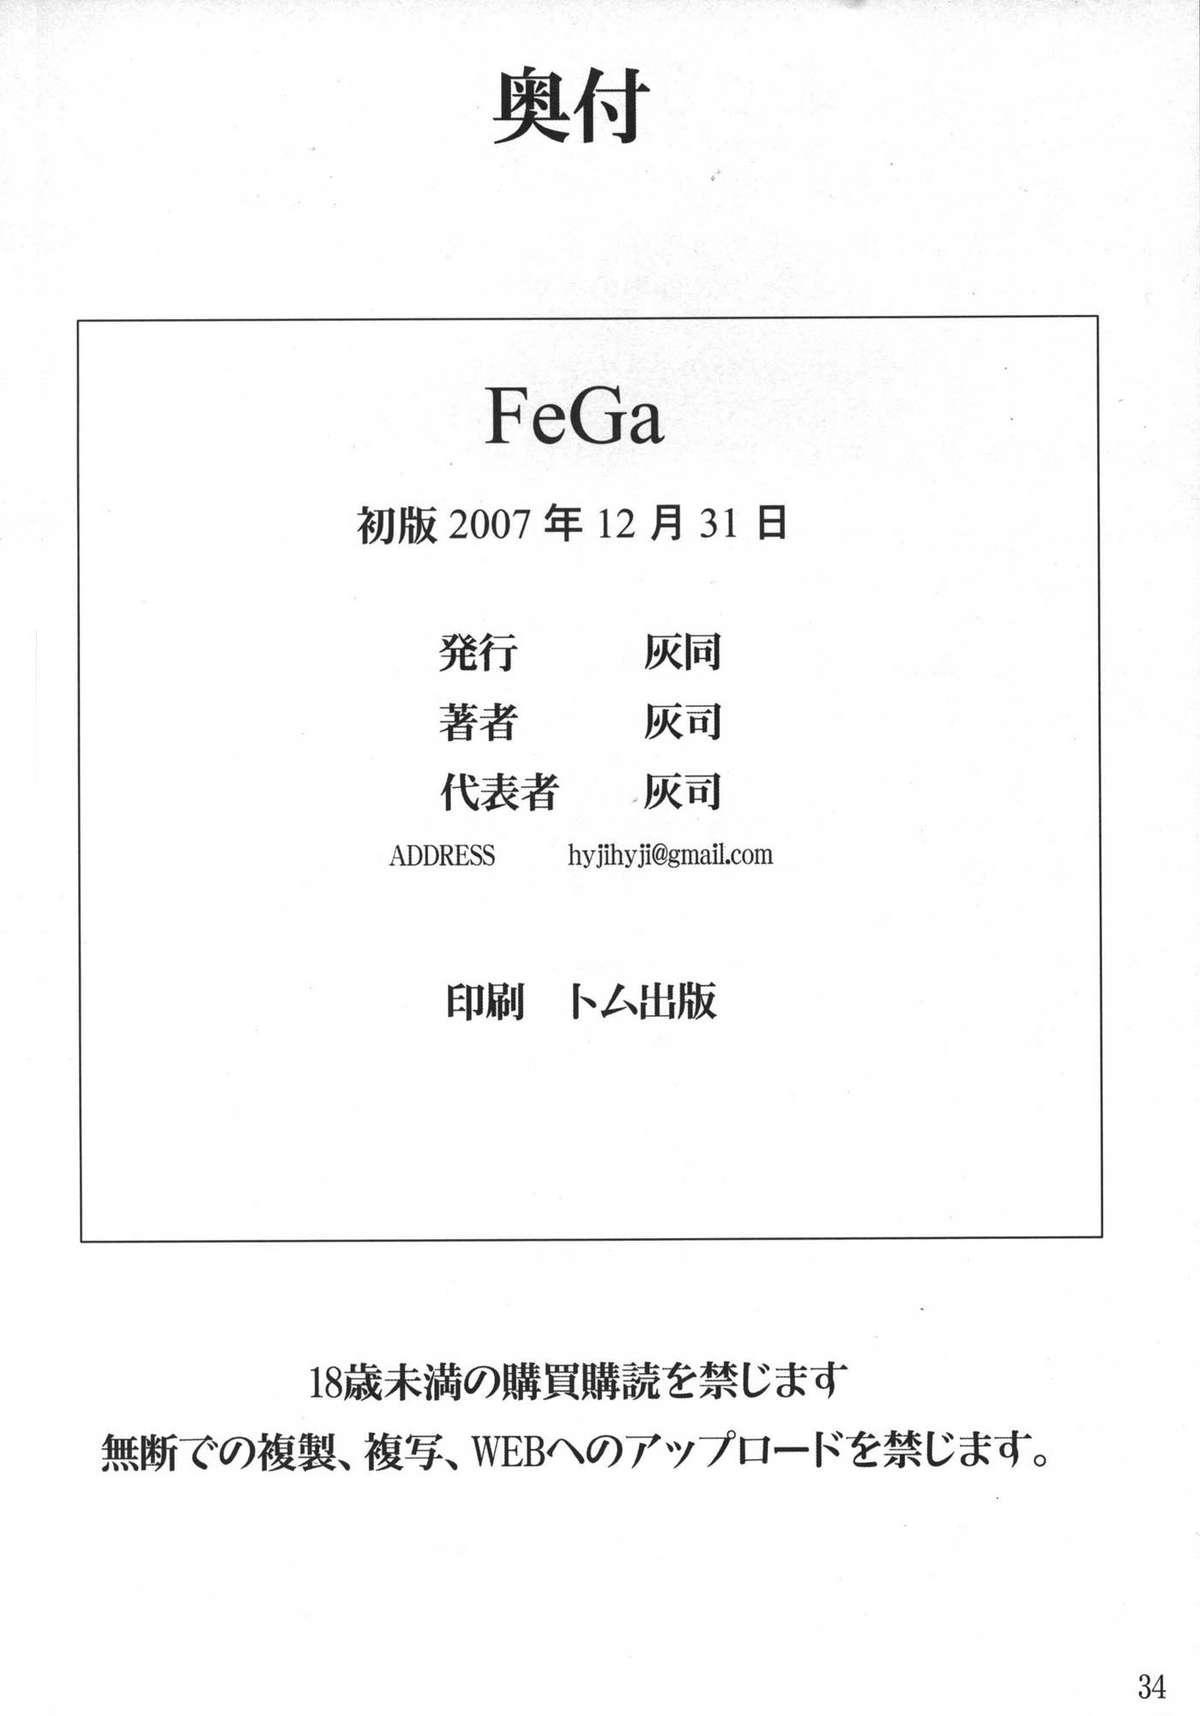 FeGa 32